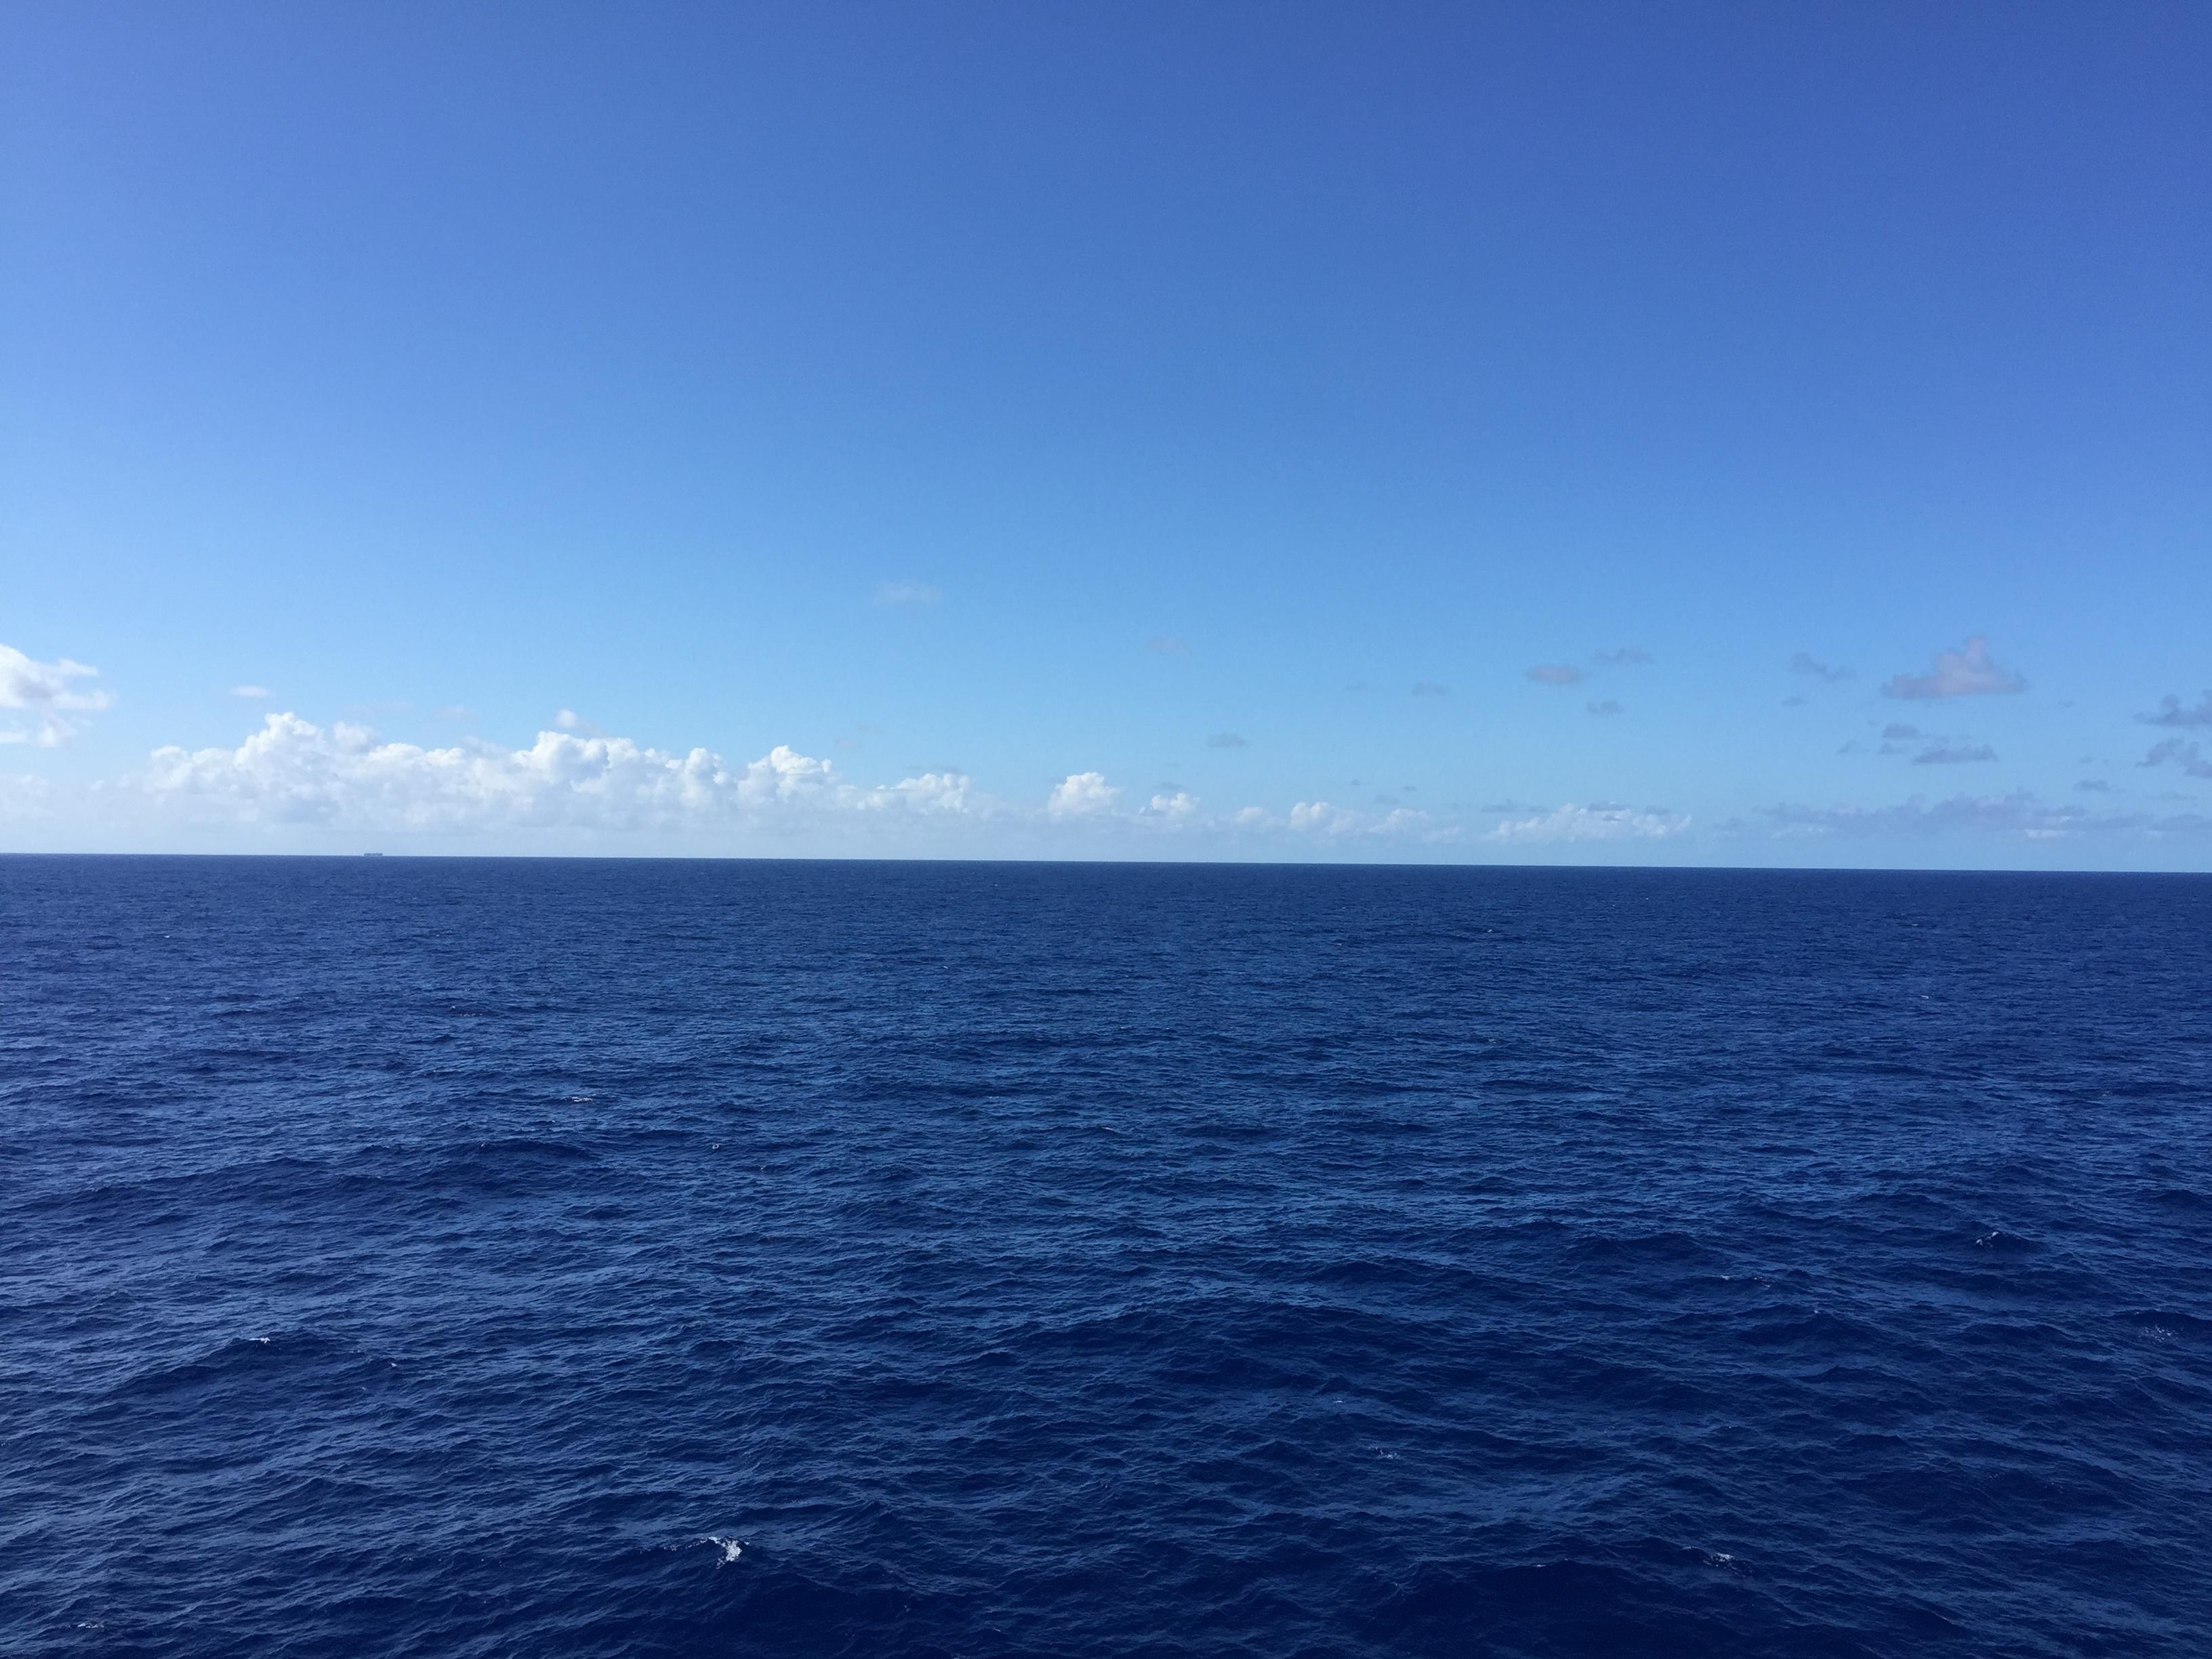 Crucero MSC Divina - Navegando en Mar abierto